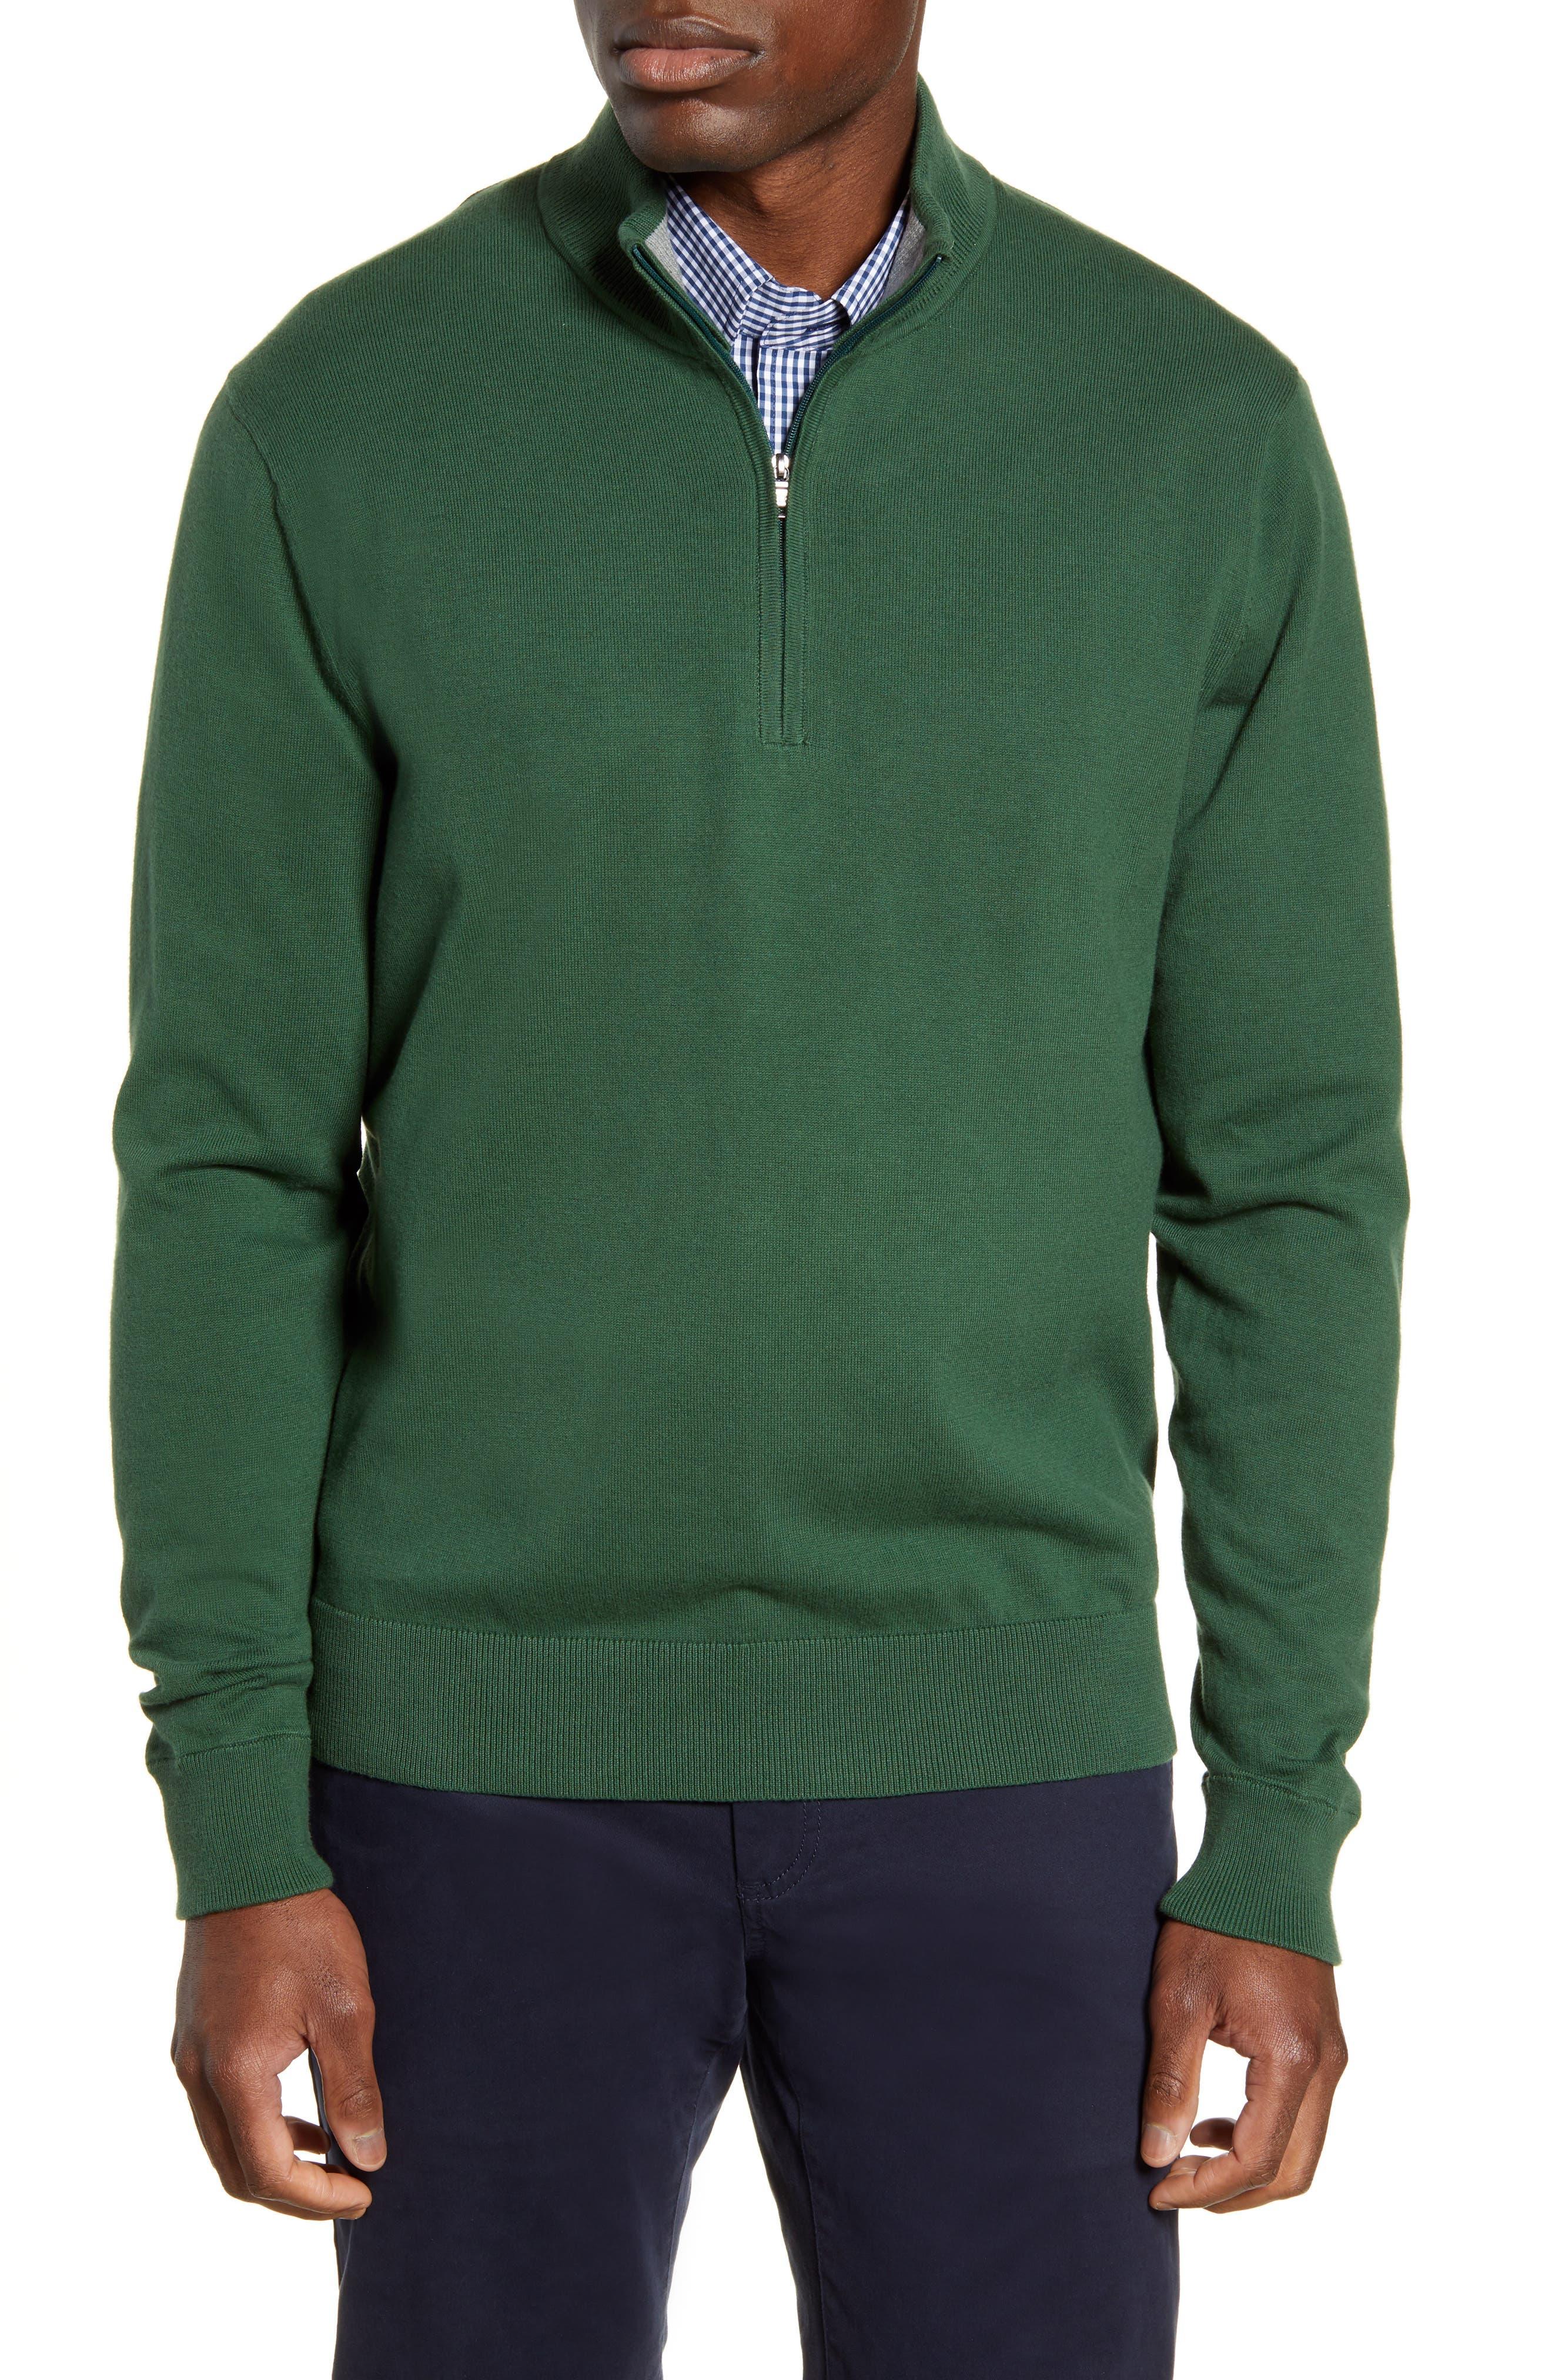 Cutter & Buck Lakemont Half Zip Sweater, Green